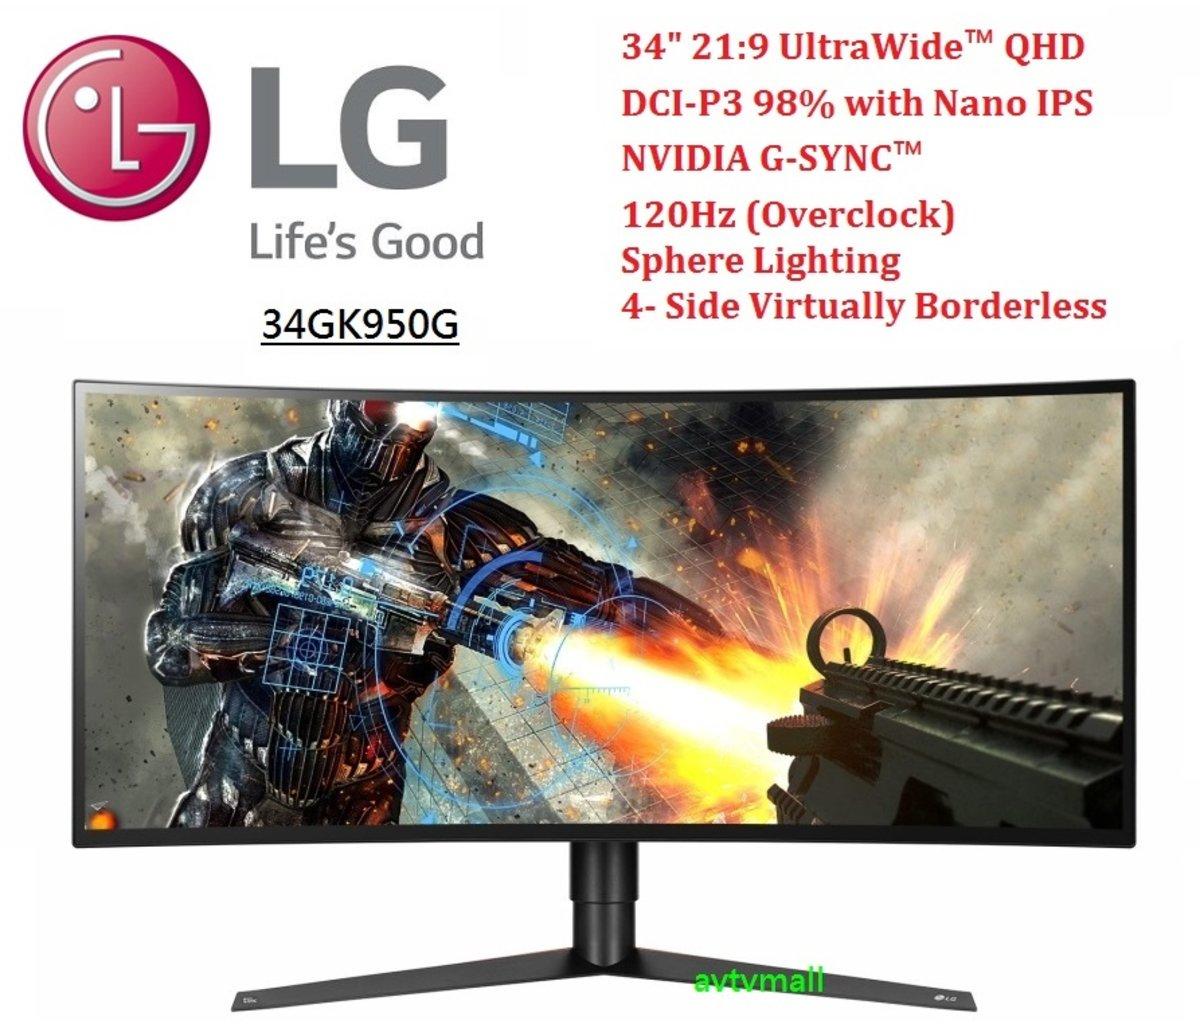 34 吋 21:9 UltraWide™ 弧形120 Hz 遊戲顯示器 G-SYNC™ 34GK950G (行貨3年保養 )